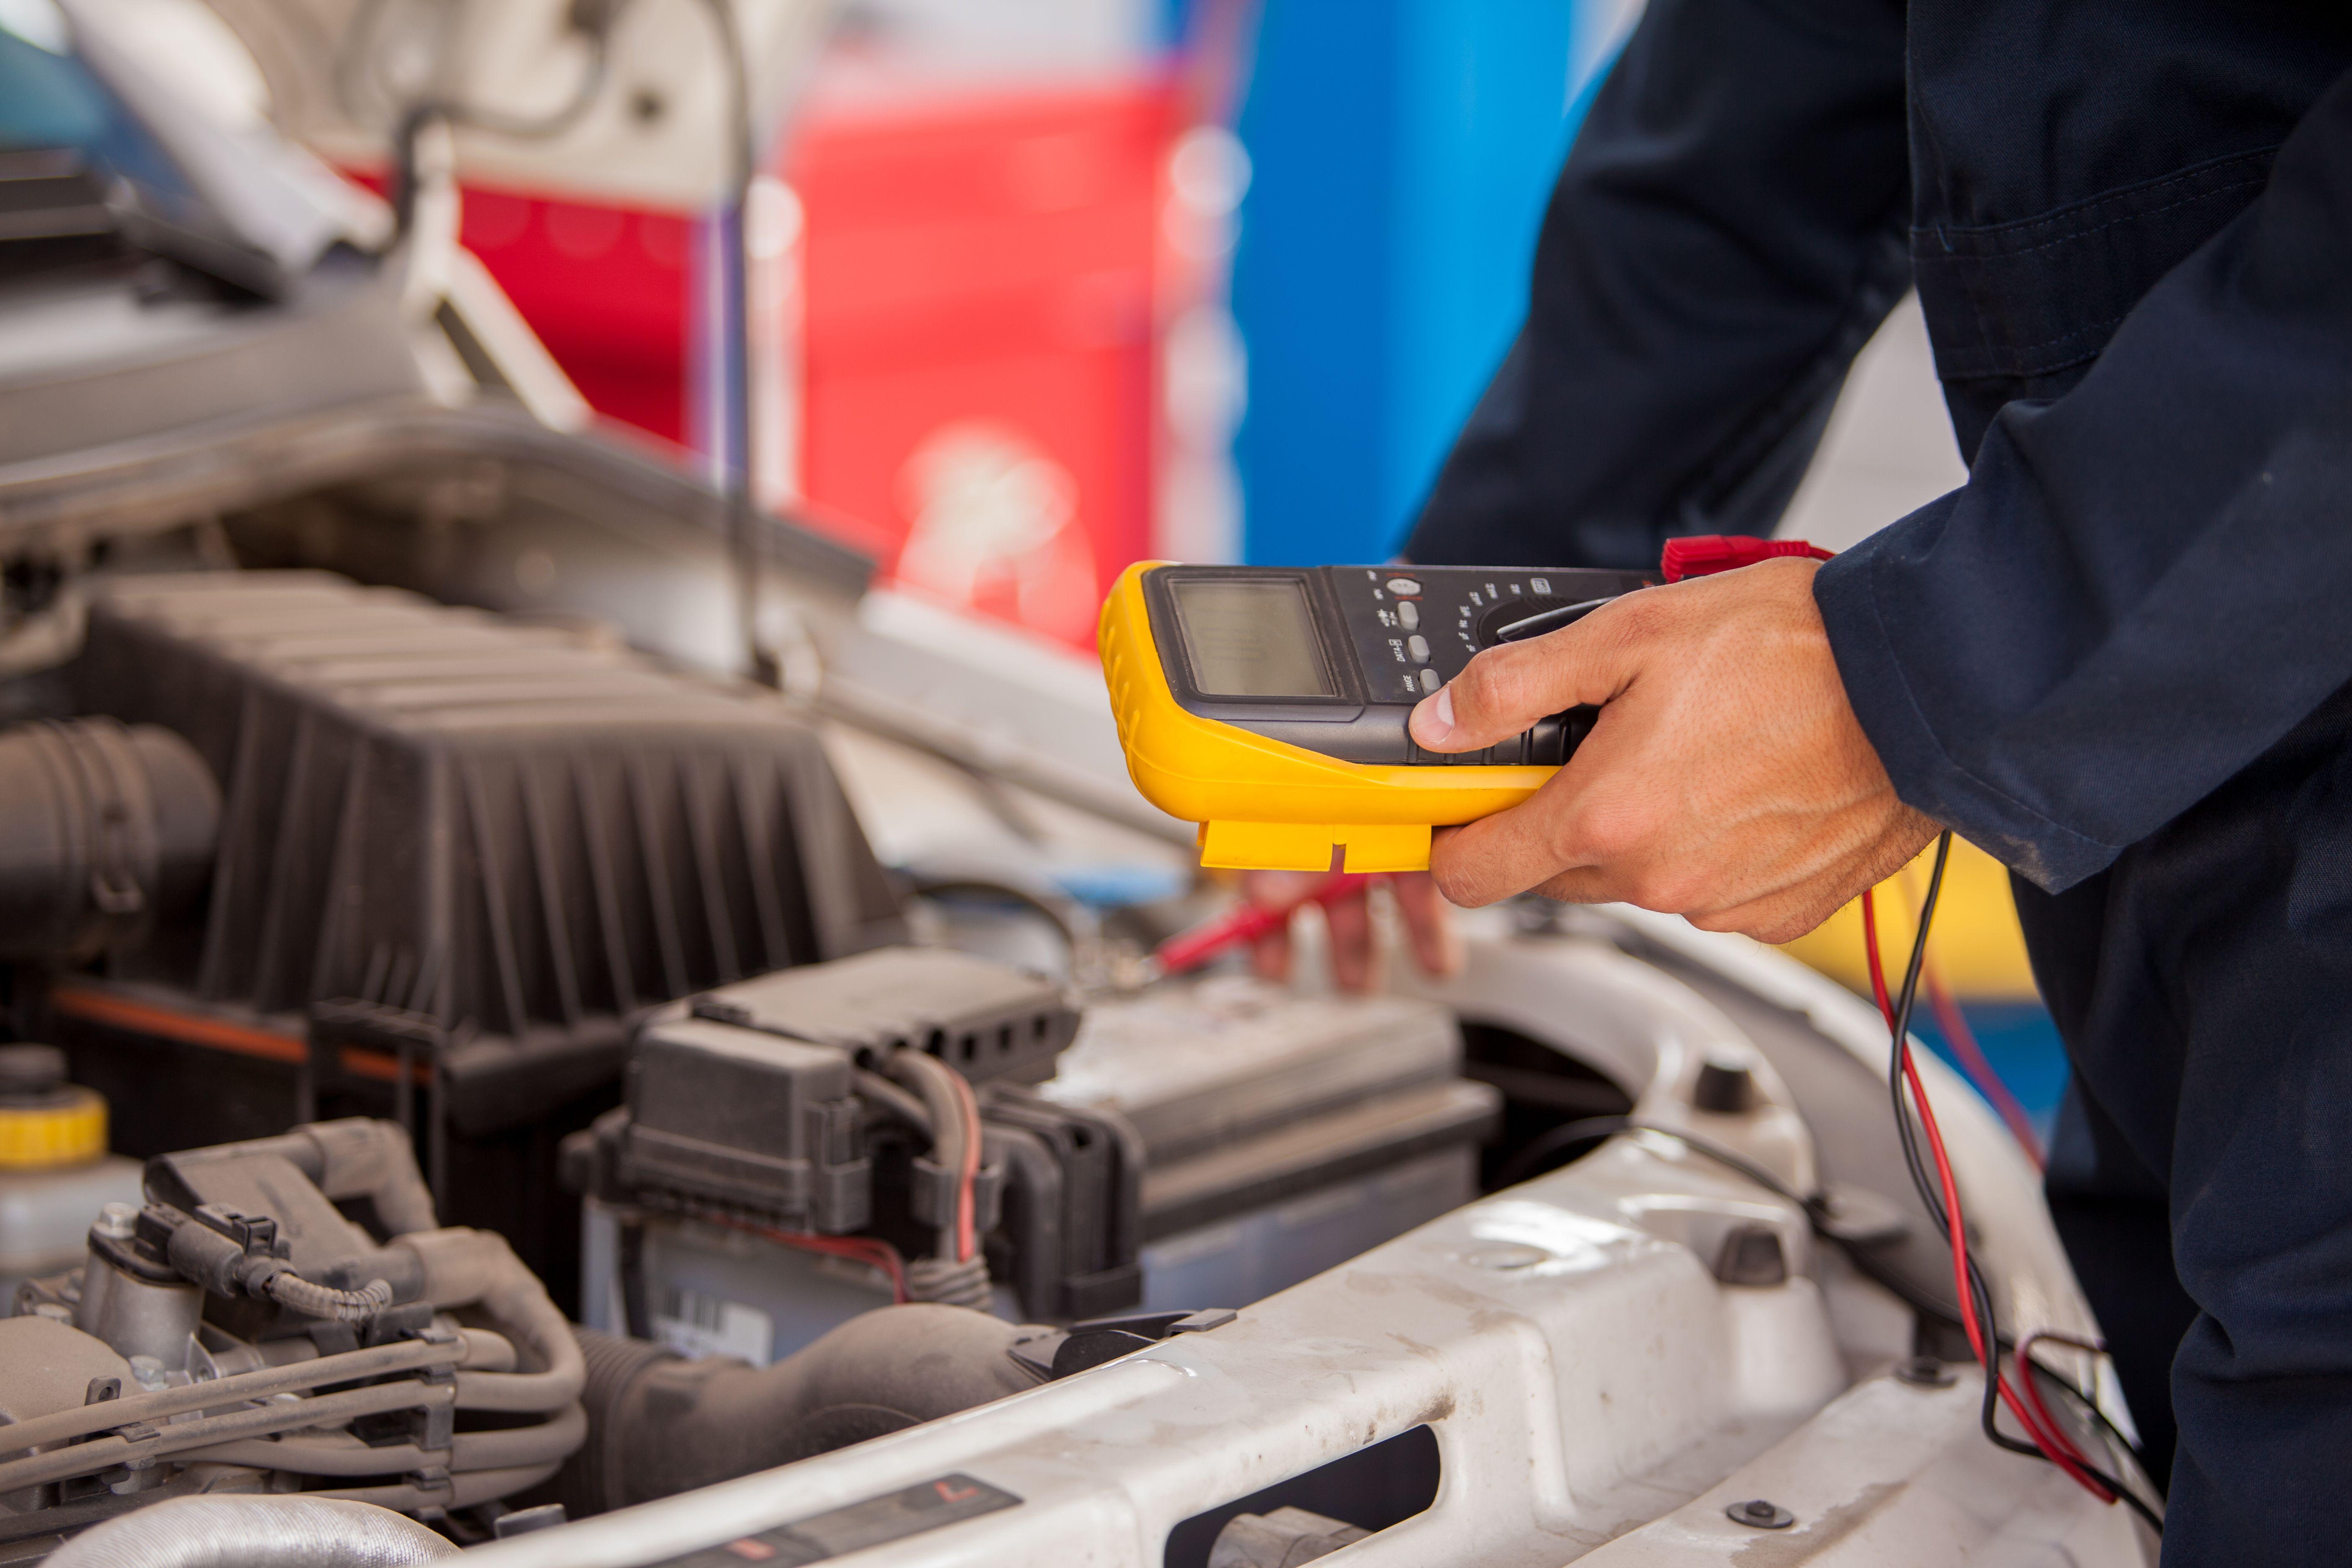 Inspección ITV: Servicios de AutoSantpedor, S.L.